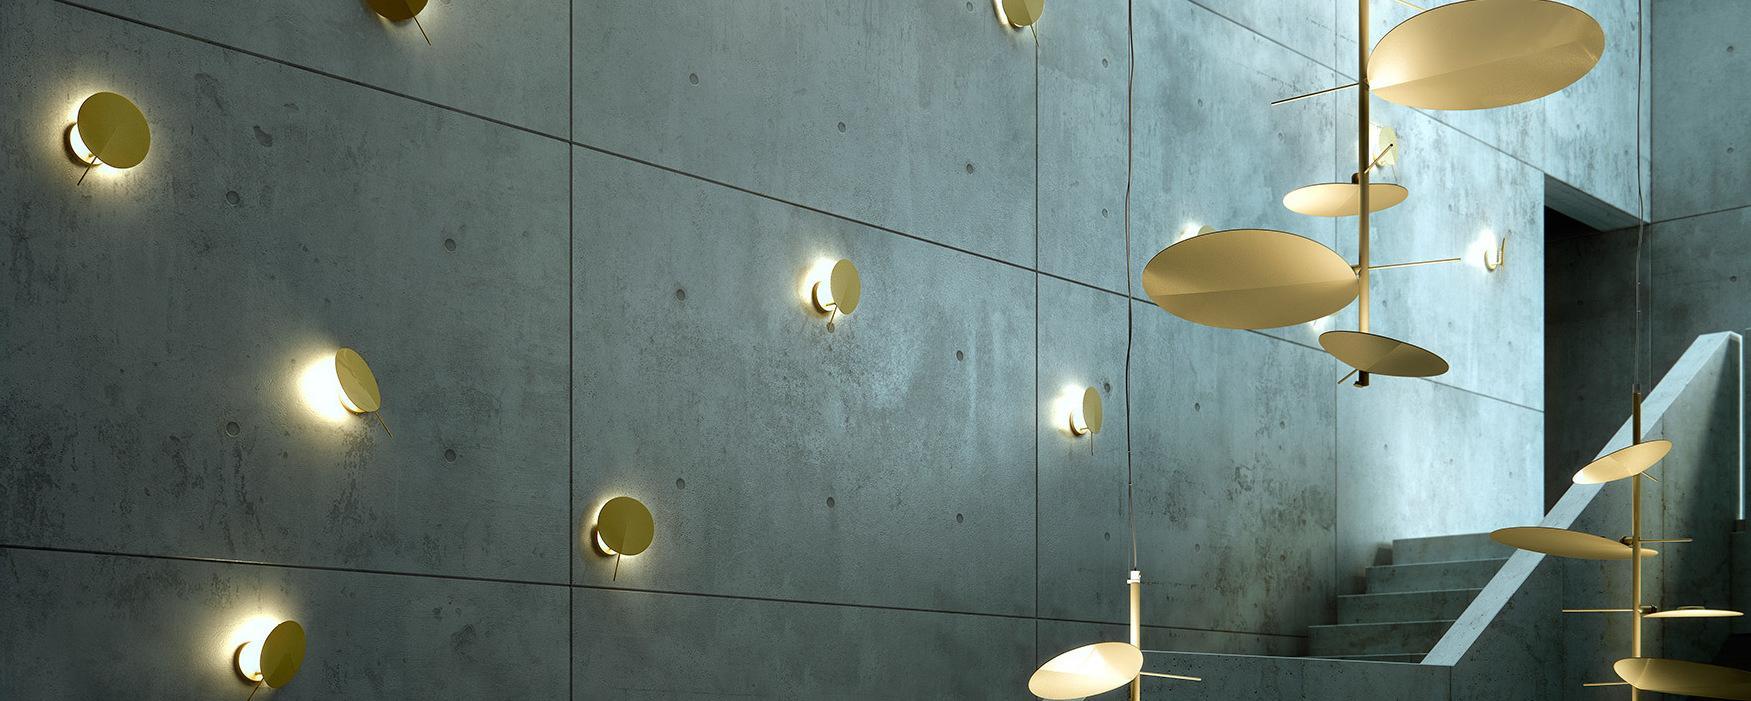 OBS a 3220 luz de parede ø20cm G9 48w Cromo